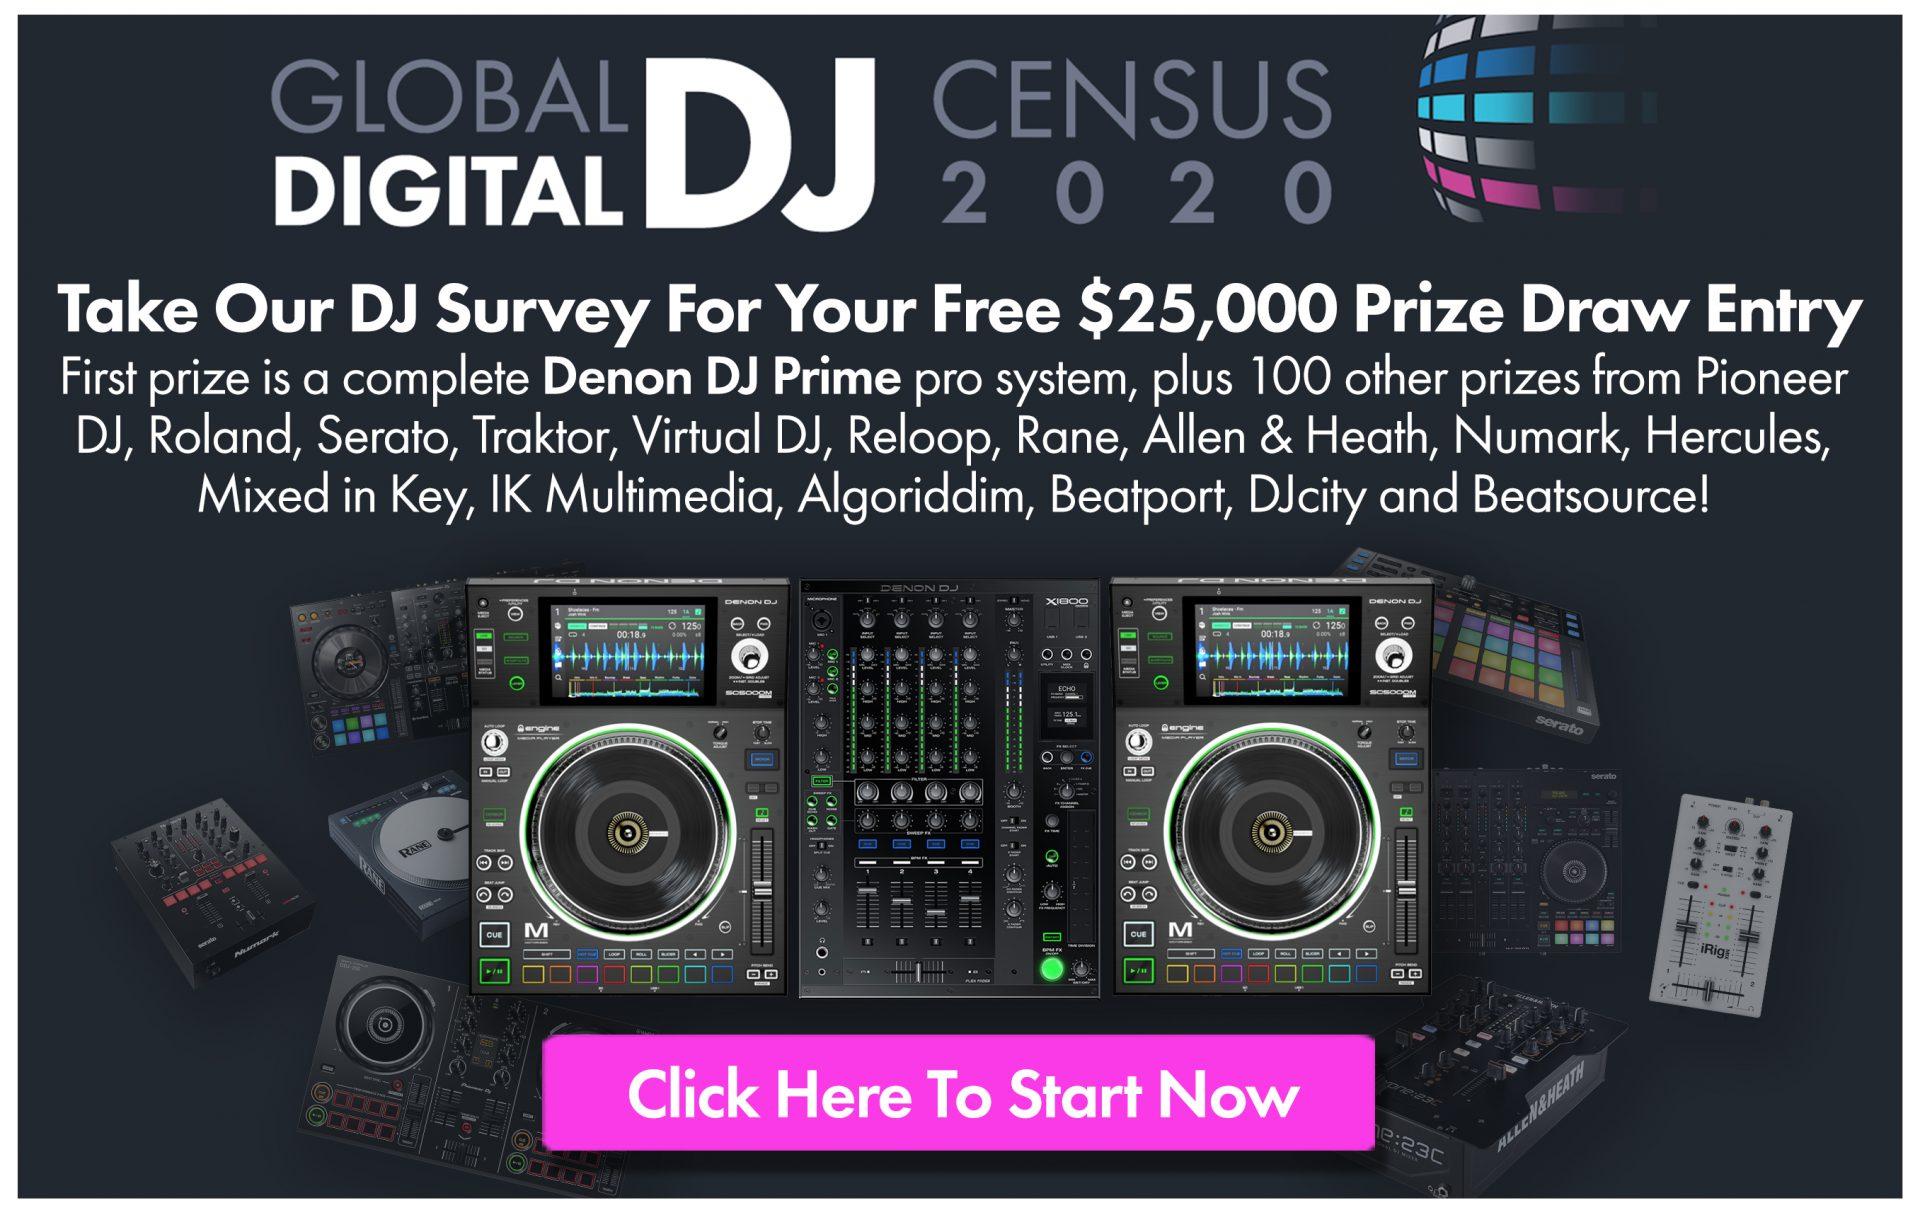 Numark DJ Census 2020